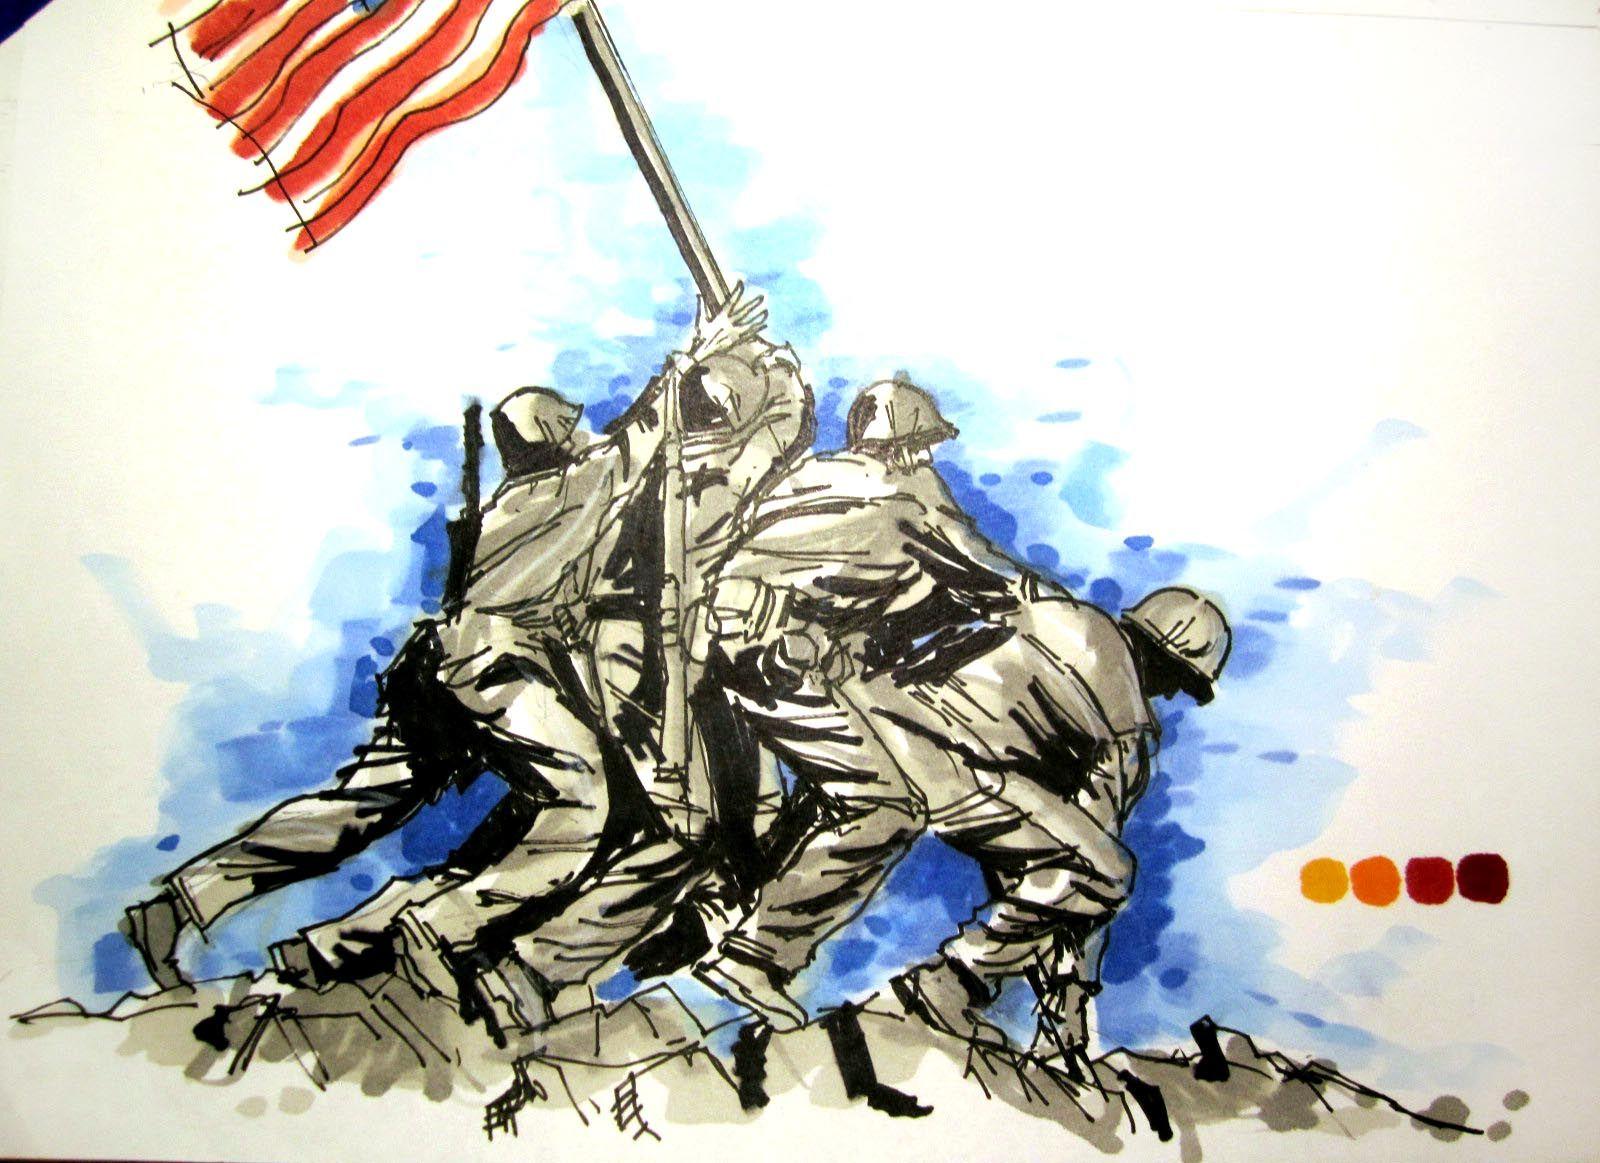 Military Series Battle Of Iwo Jima Time Lapse Drawing Battle Of Iwo Jima Military Illustration Iwo Jima